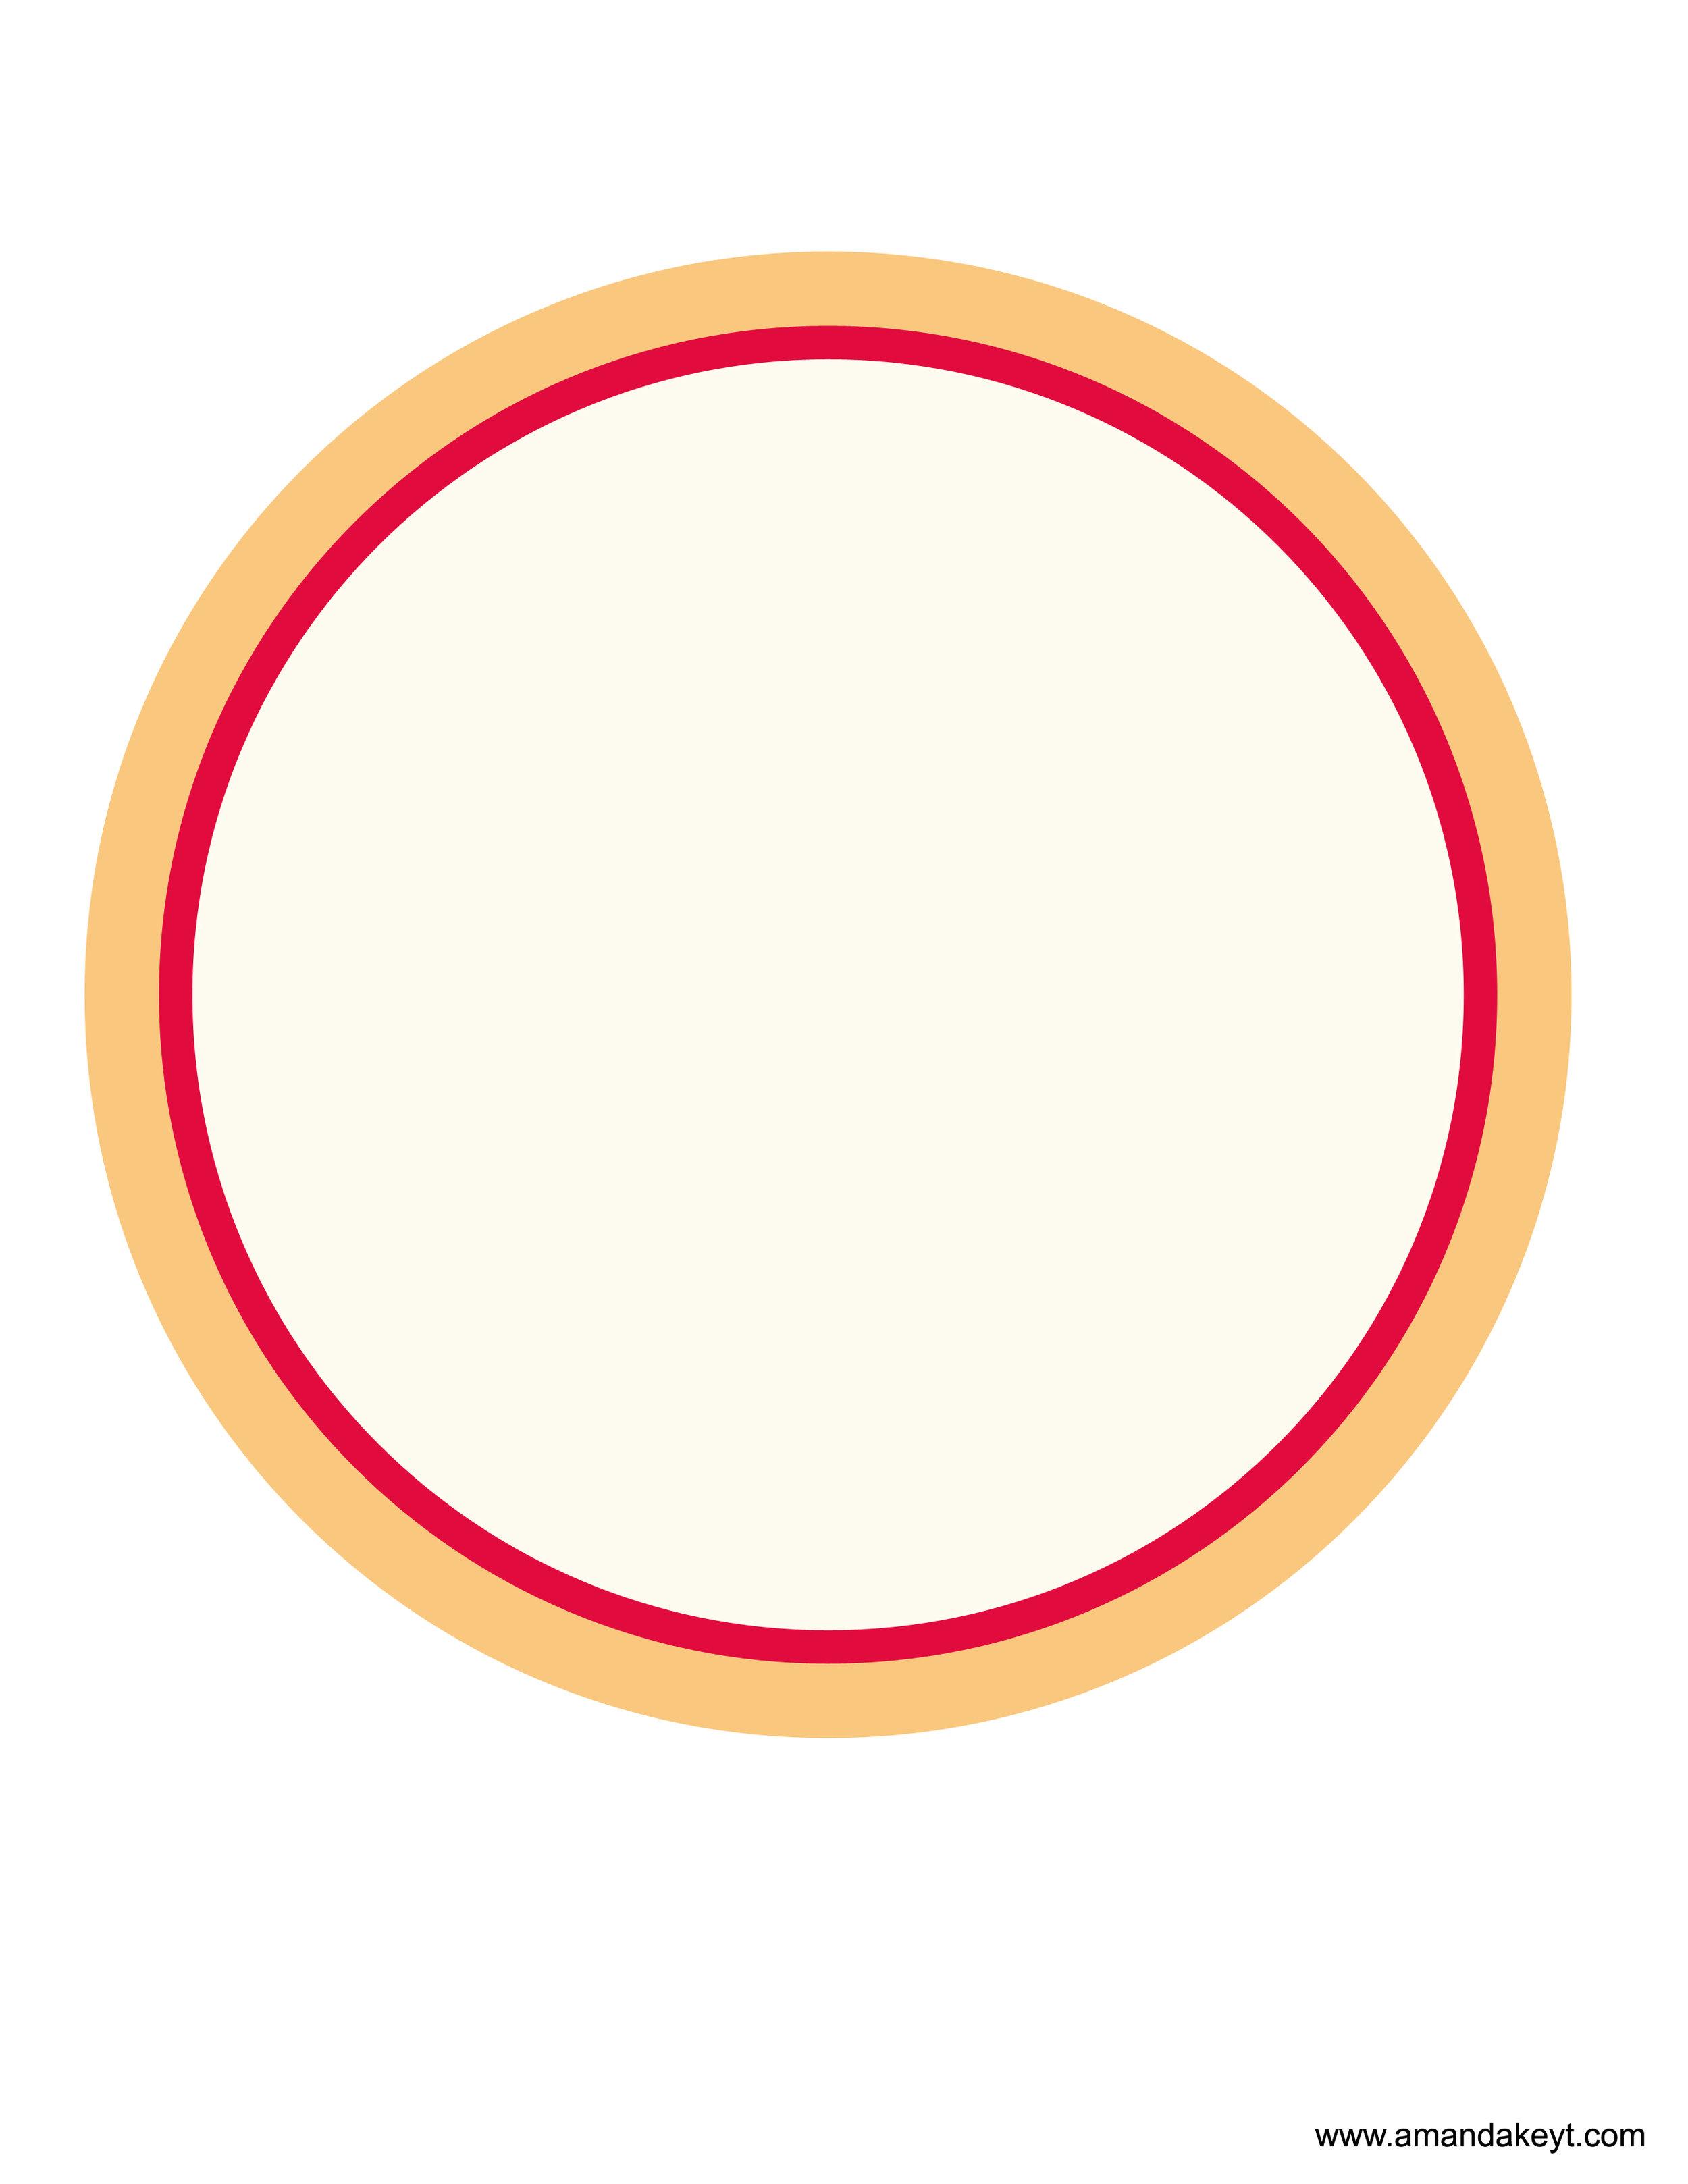 PizzaPlain.jpg